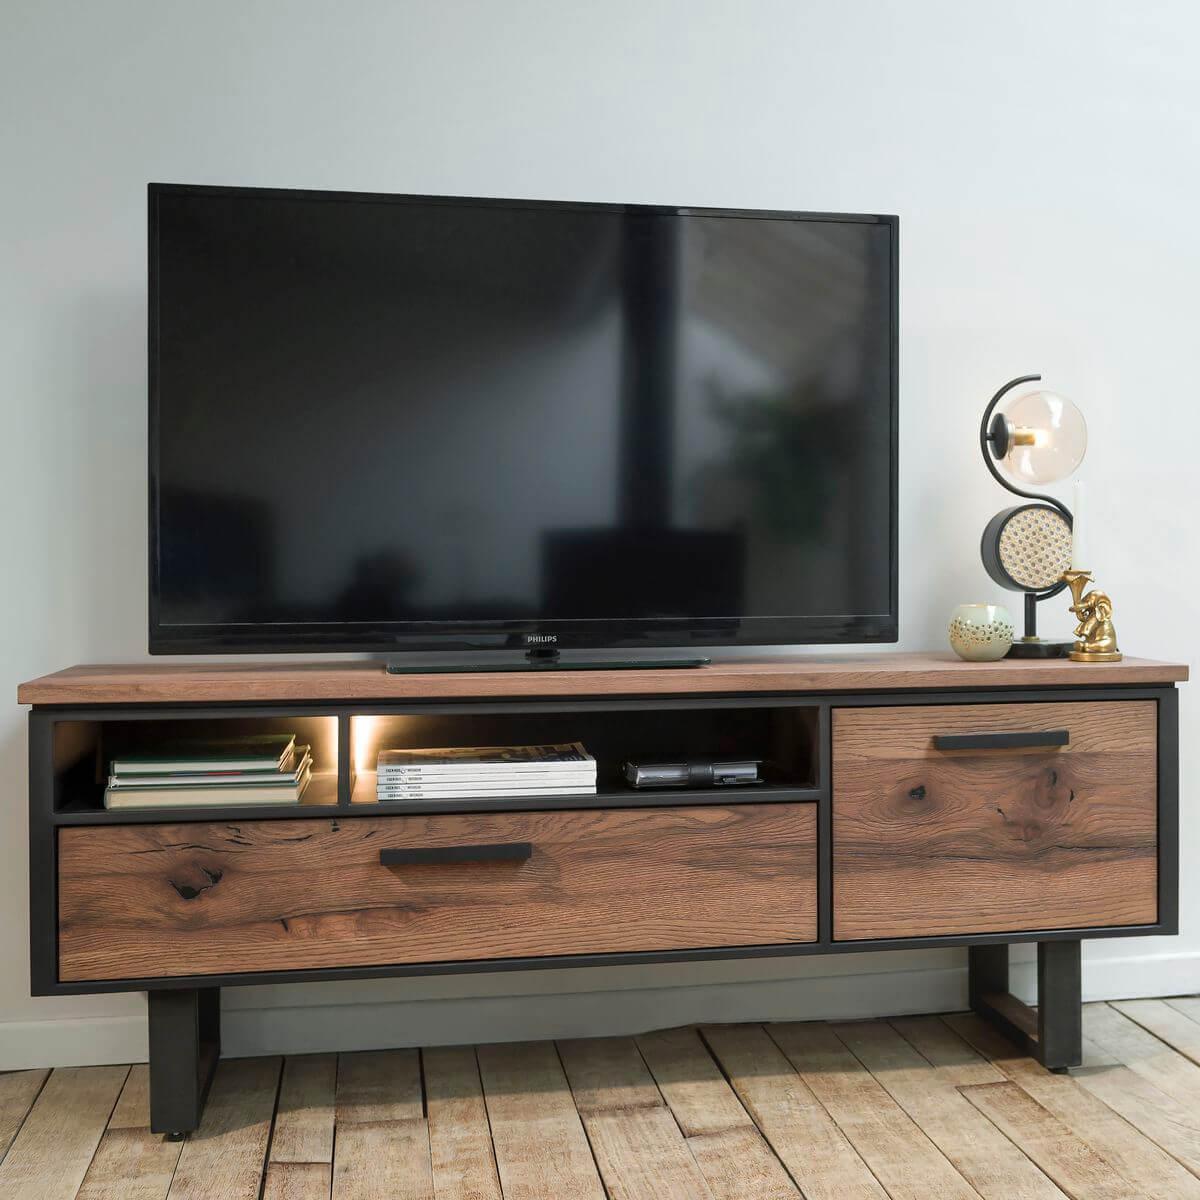 Meubles Henders Et Hazel abitare-living.lu | meuble tv 160cm oxford henders & hazel